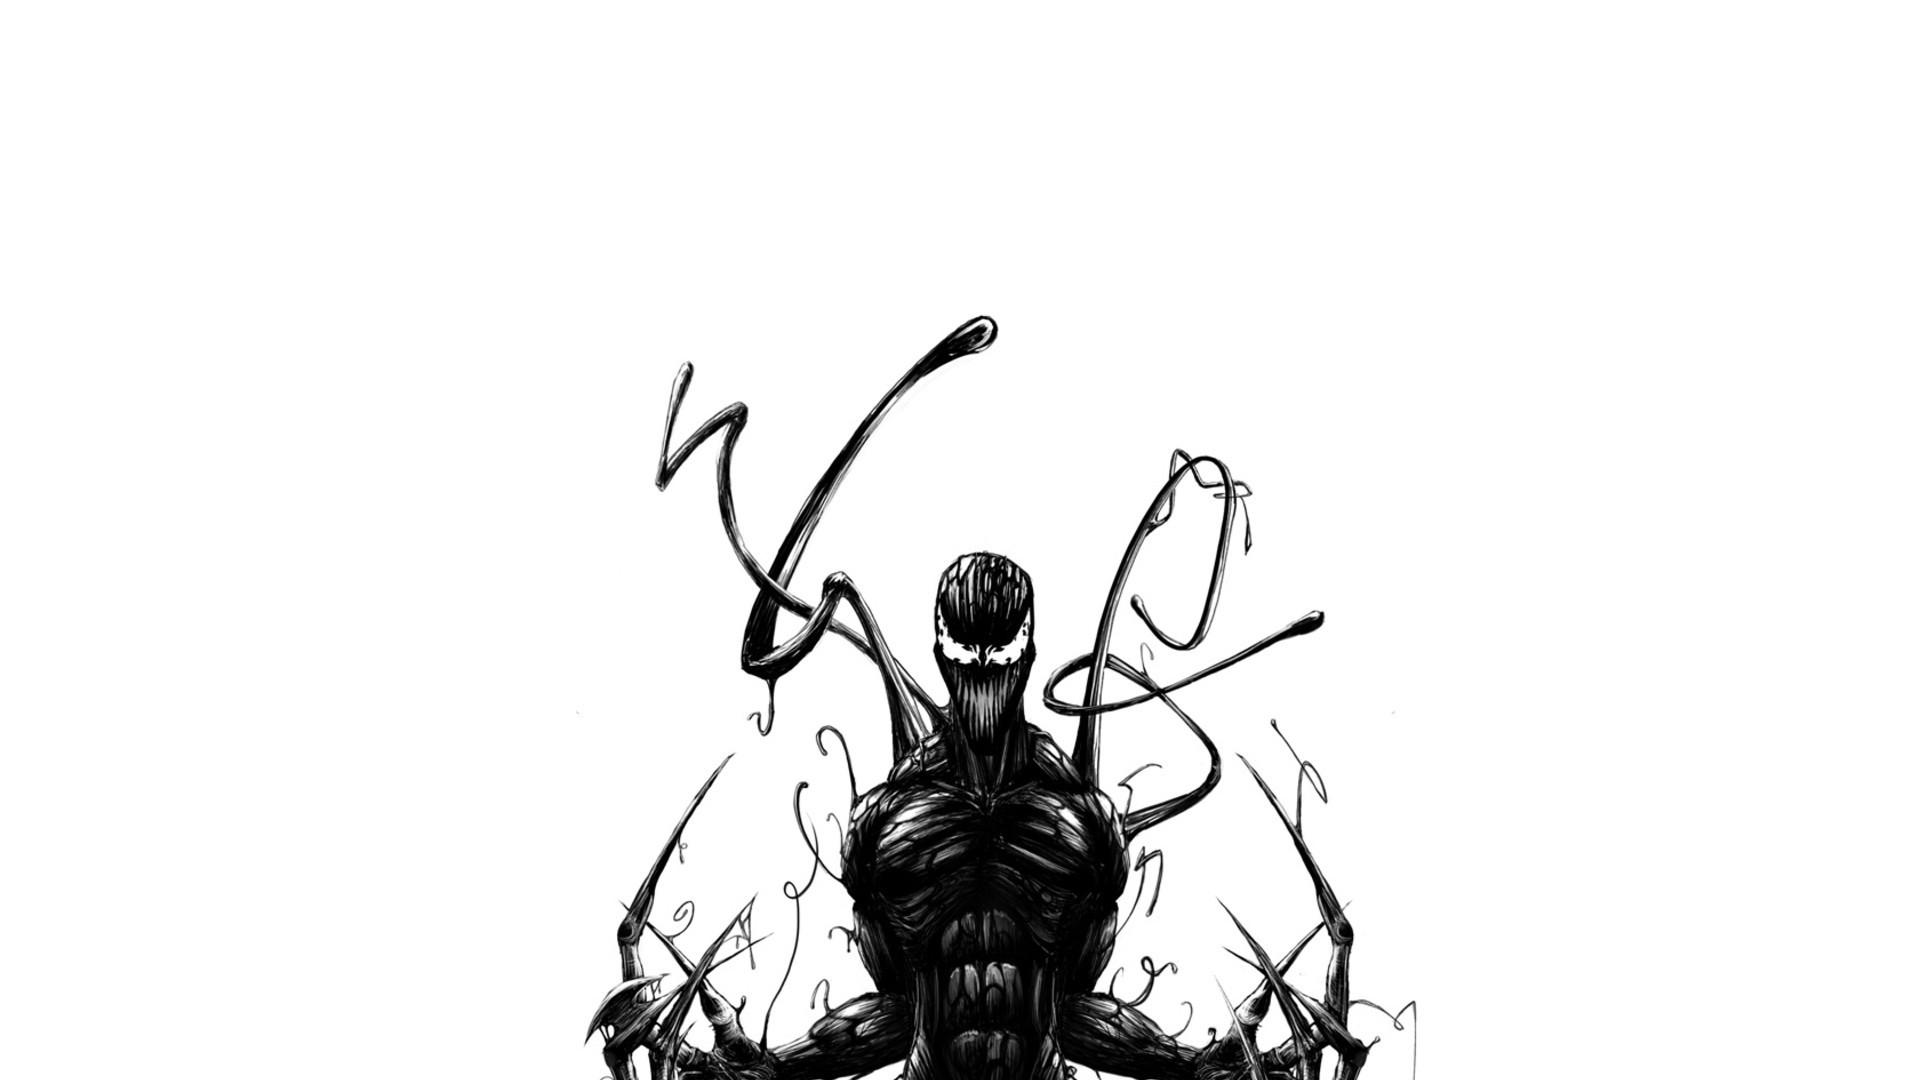 Symbiote Spider Man Wallpaper – WallpaperSafari